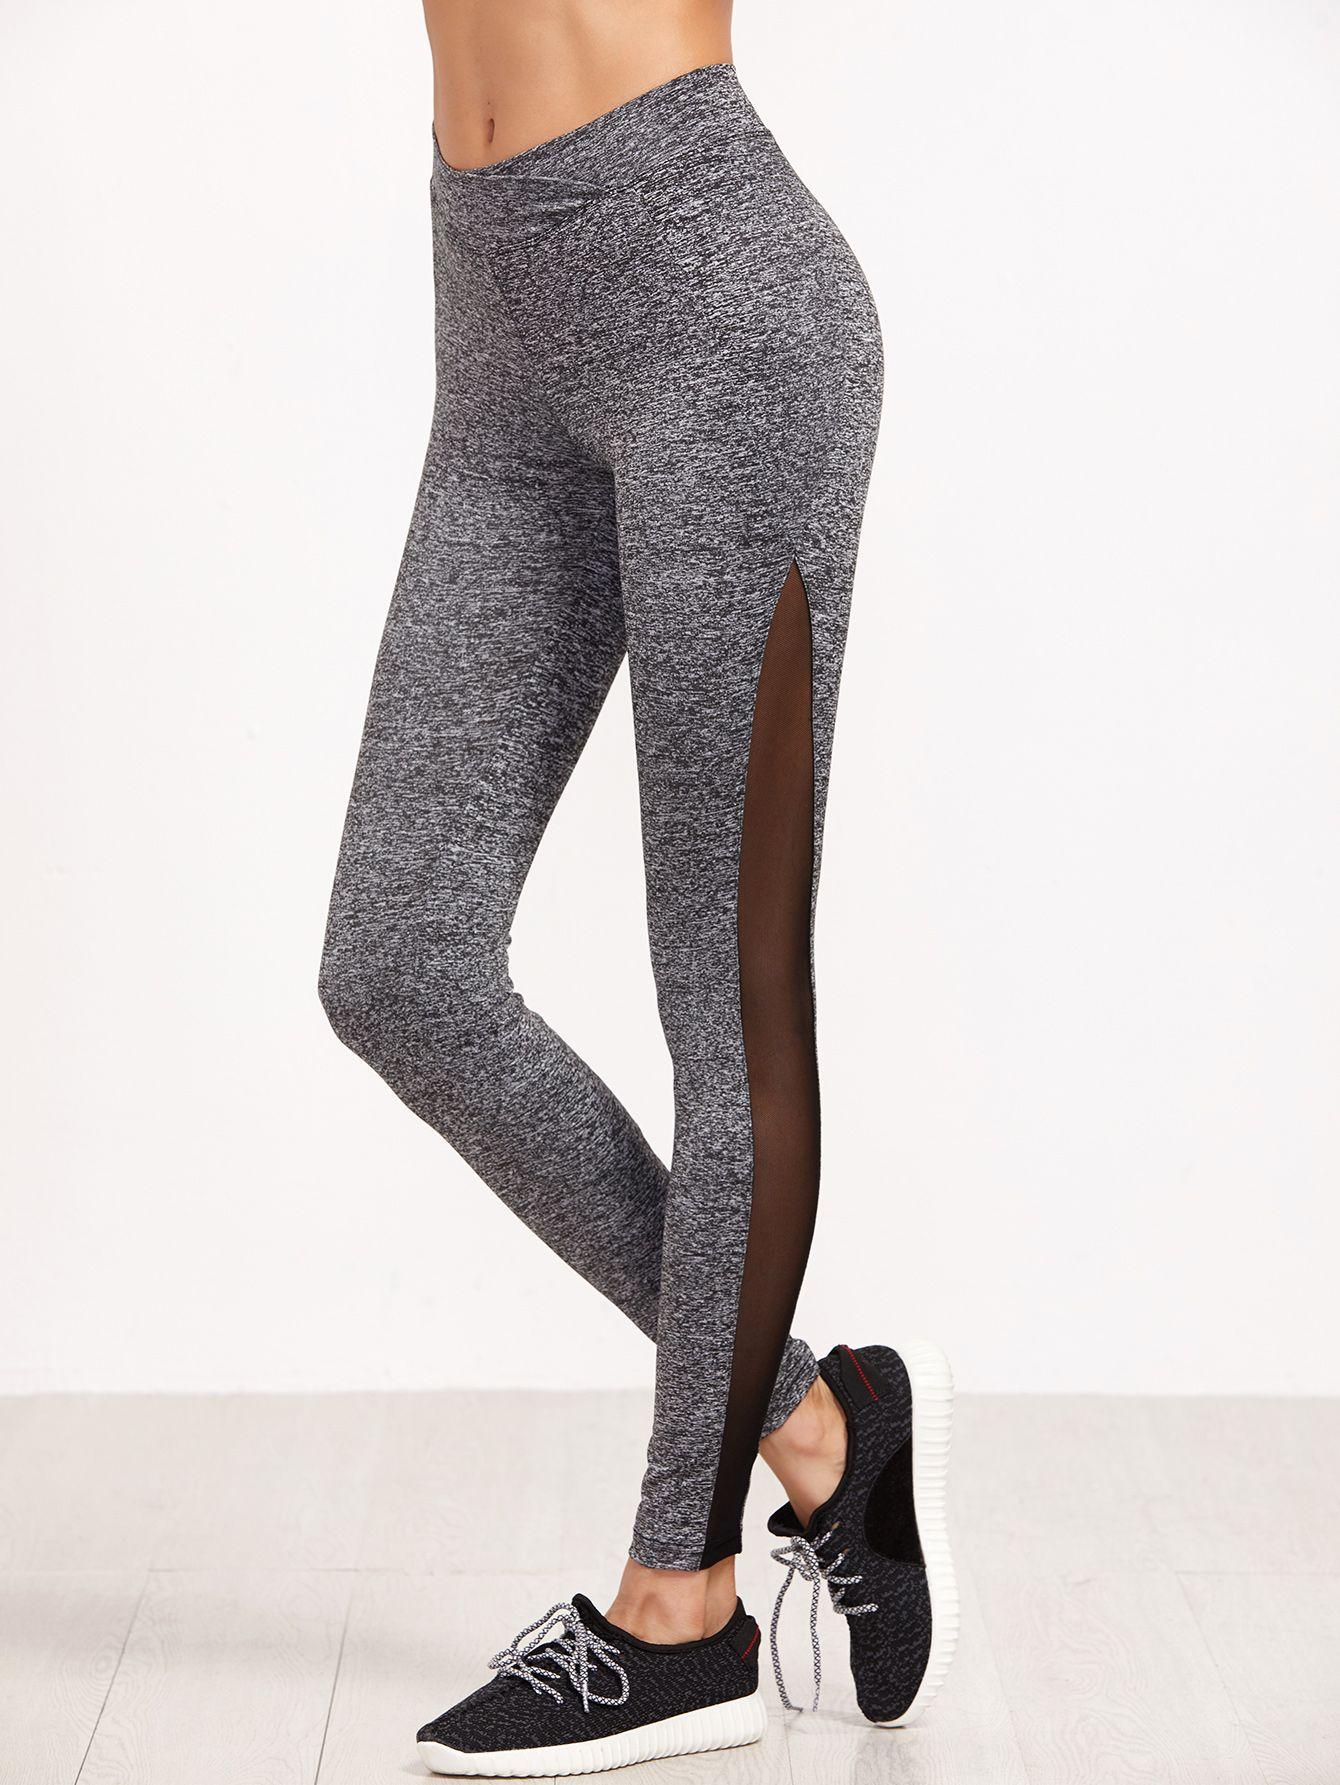 e5430f1afc979f Shop Grey Marled Knit Contrast Mesh Insert Leggings online. SheIn ...